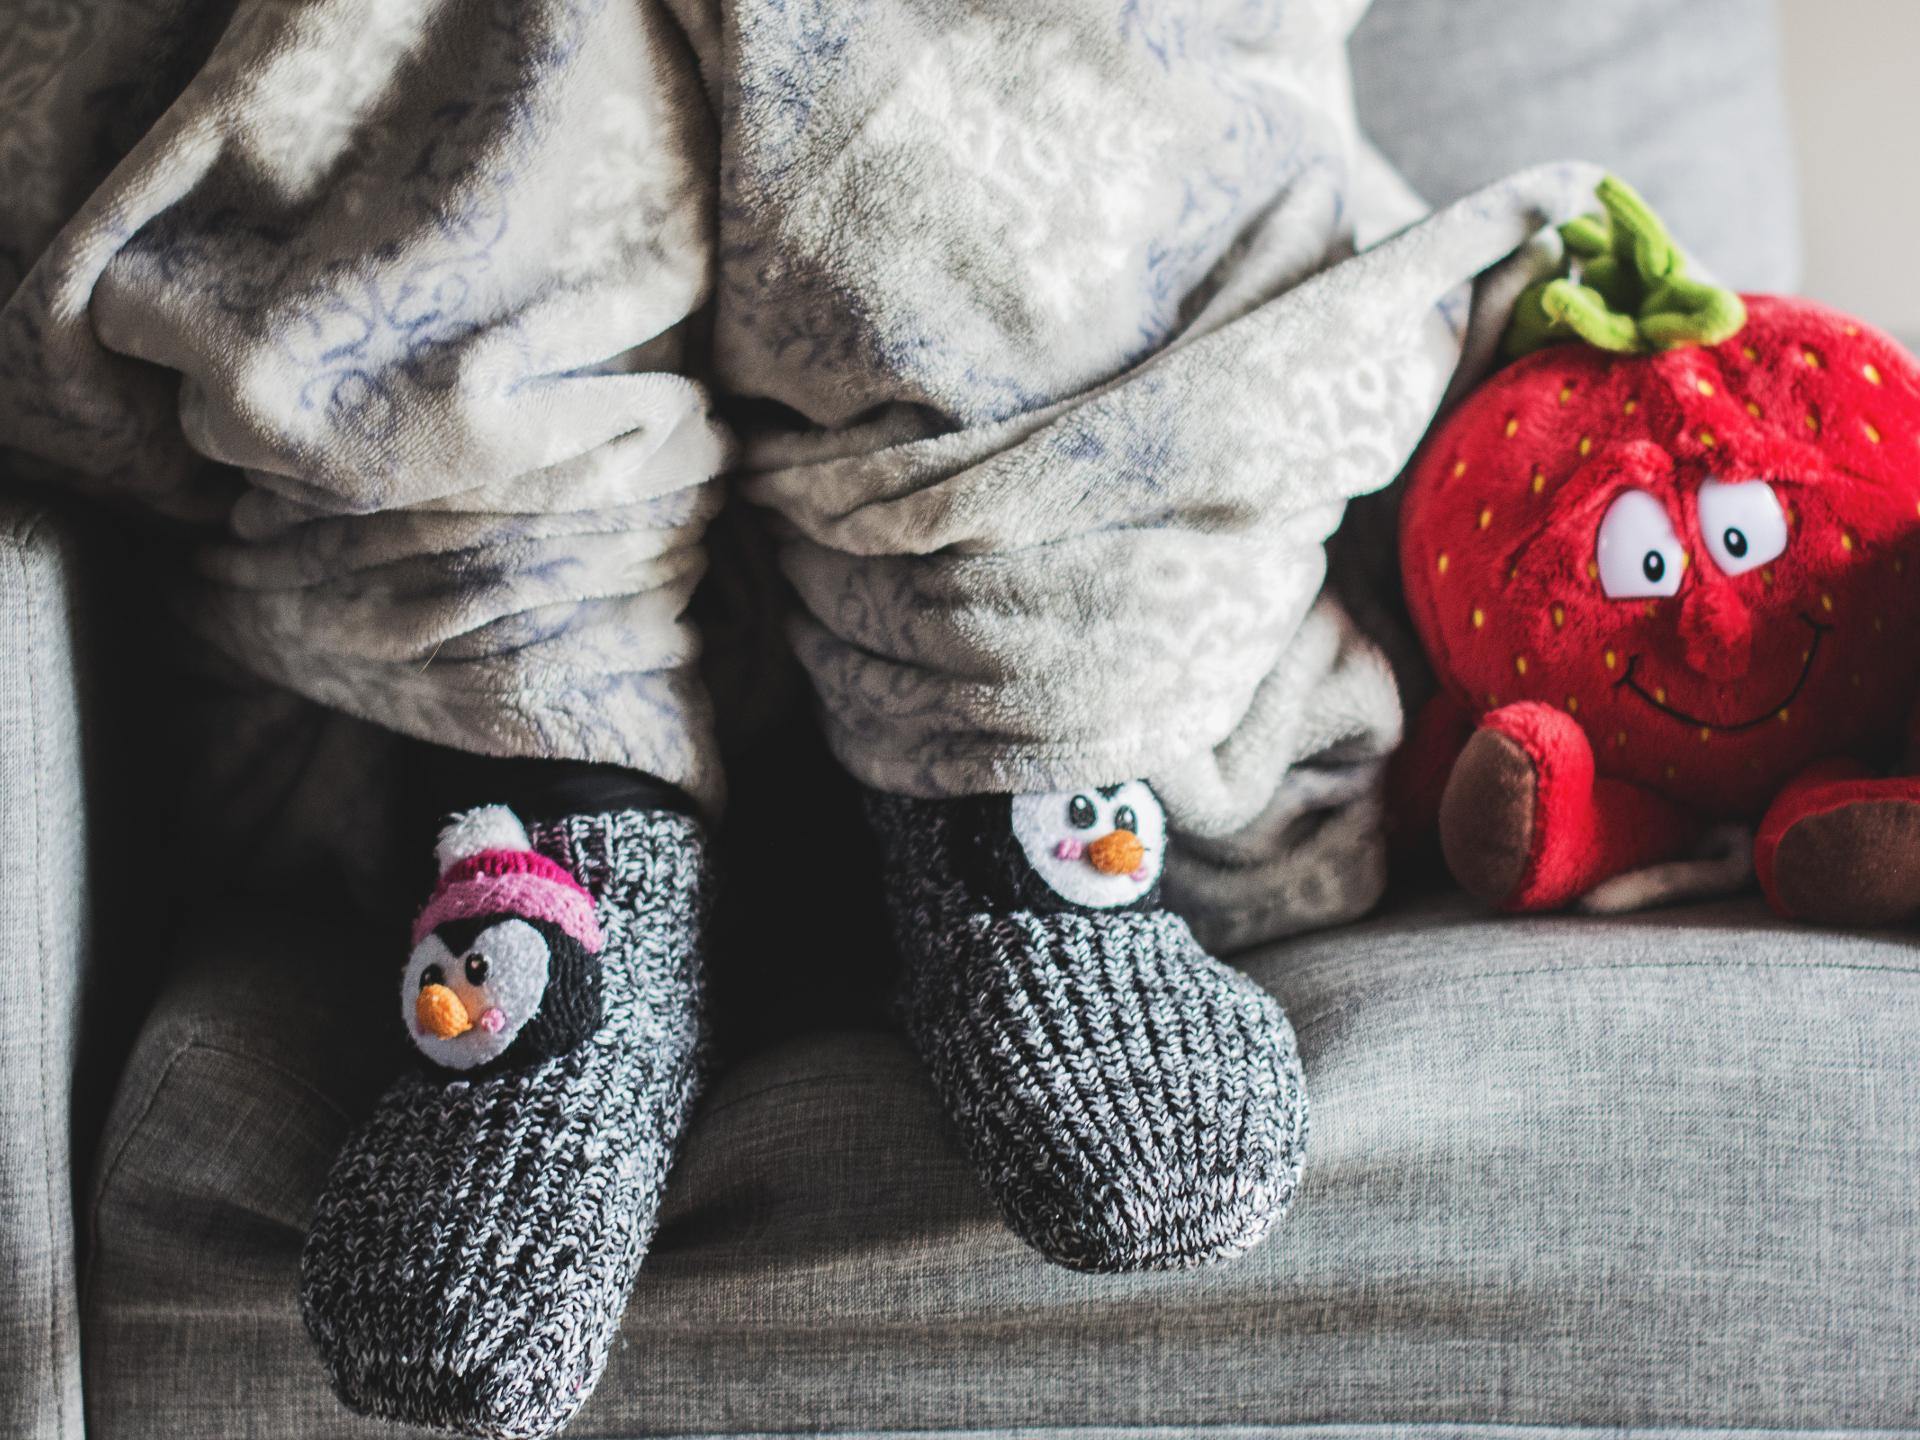 Warme Socken anziehen und in eine Decke einwickeln kann bei weniger stark geheizten Räumen eine ideale Lösung sein. - Photocredit: pixabay.com/Katrina_S